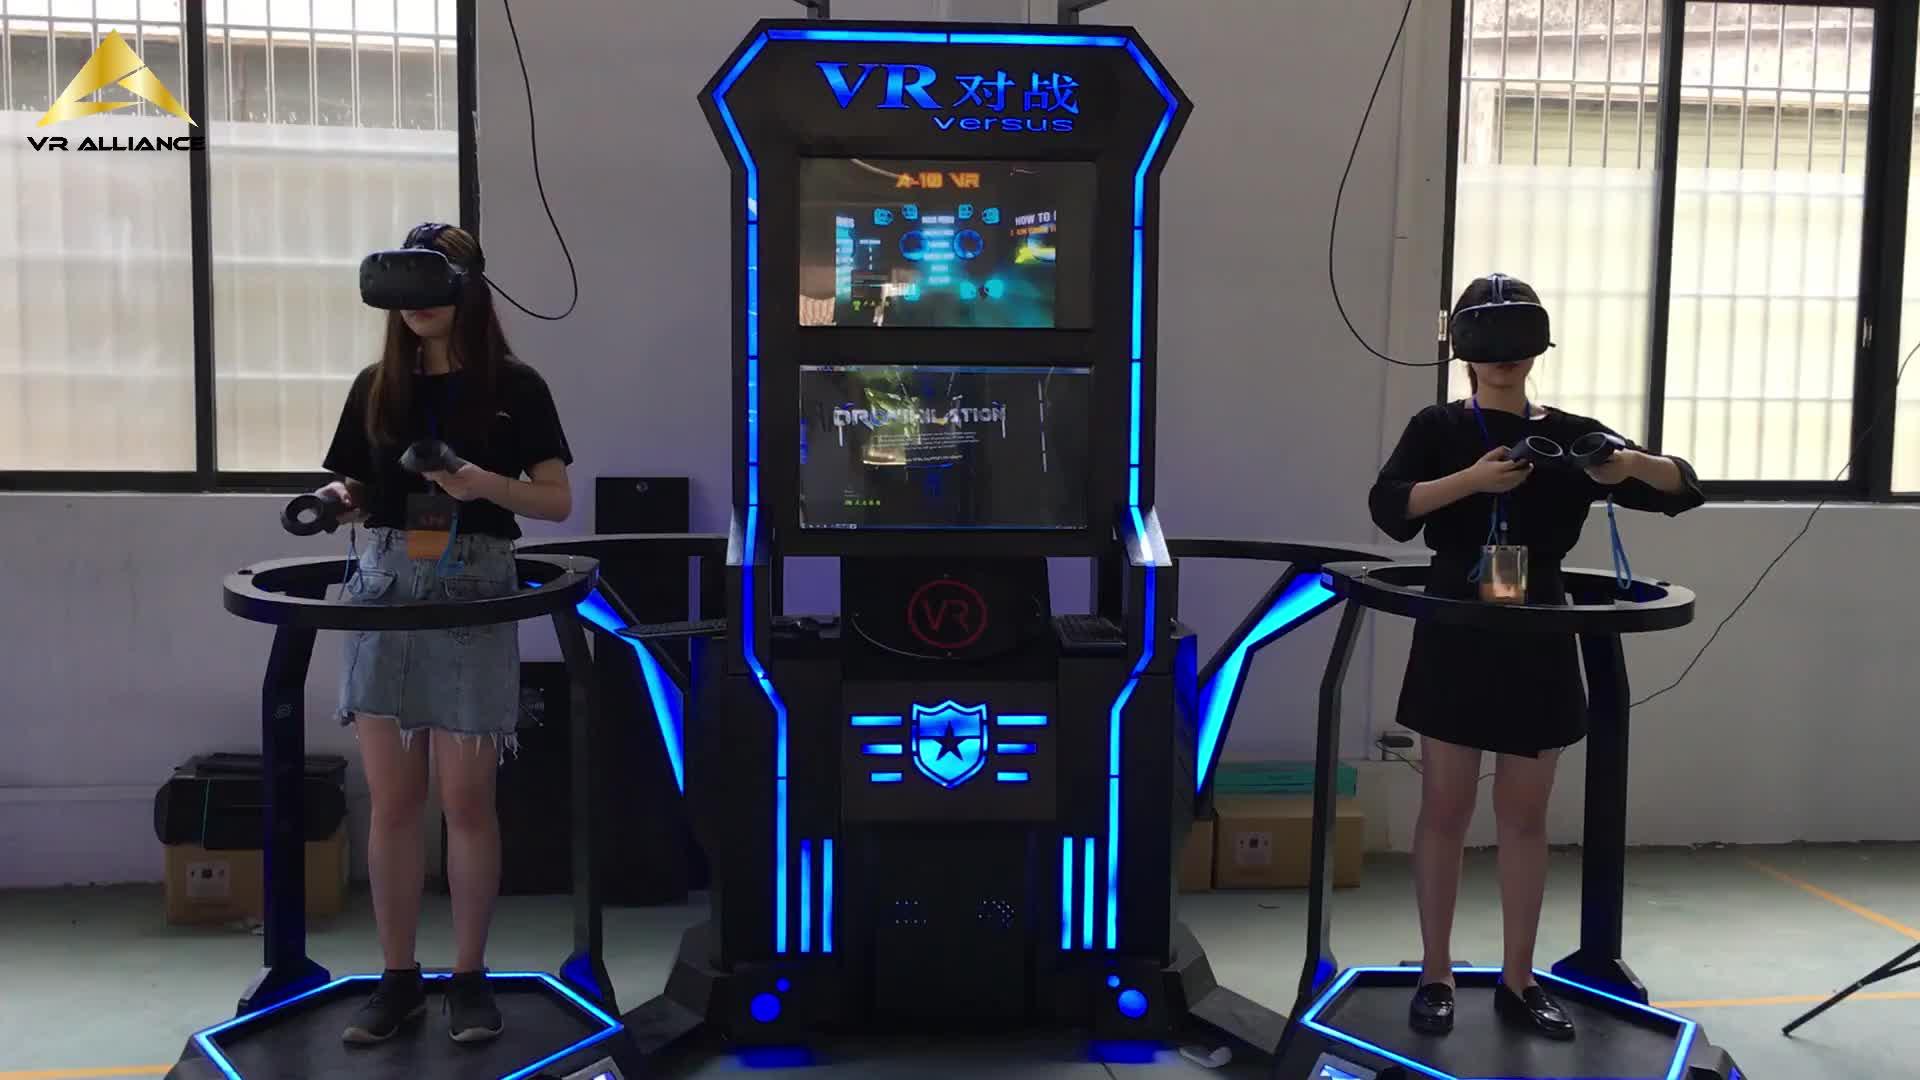 מרובה ציד ארקייד משחק וירטואלי ברית VR חקר ירי פלטפורמת מכונת